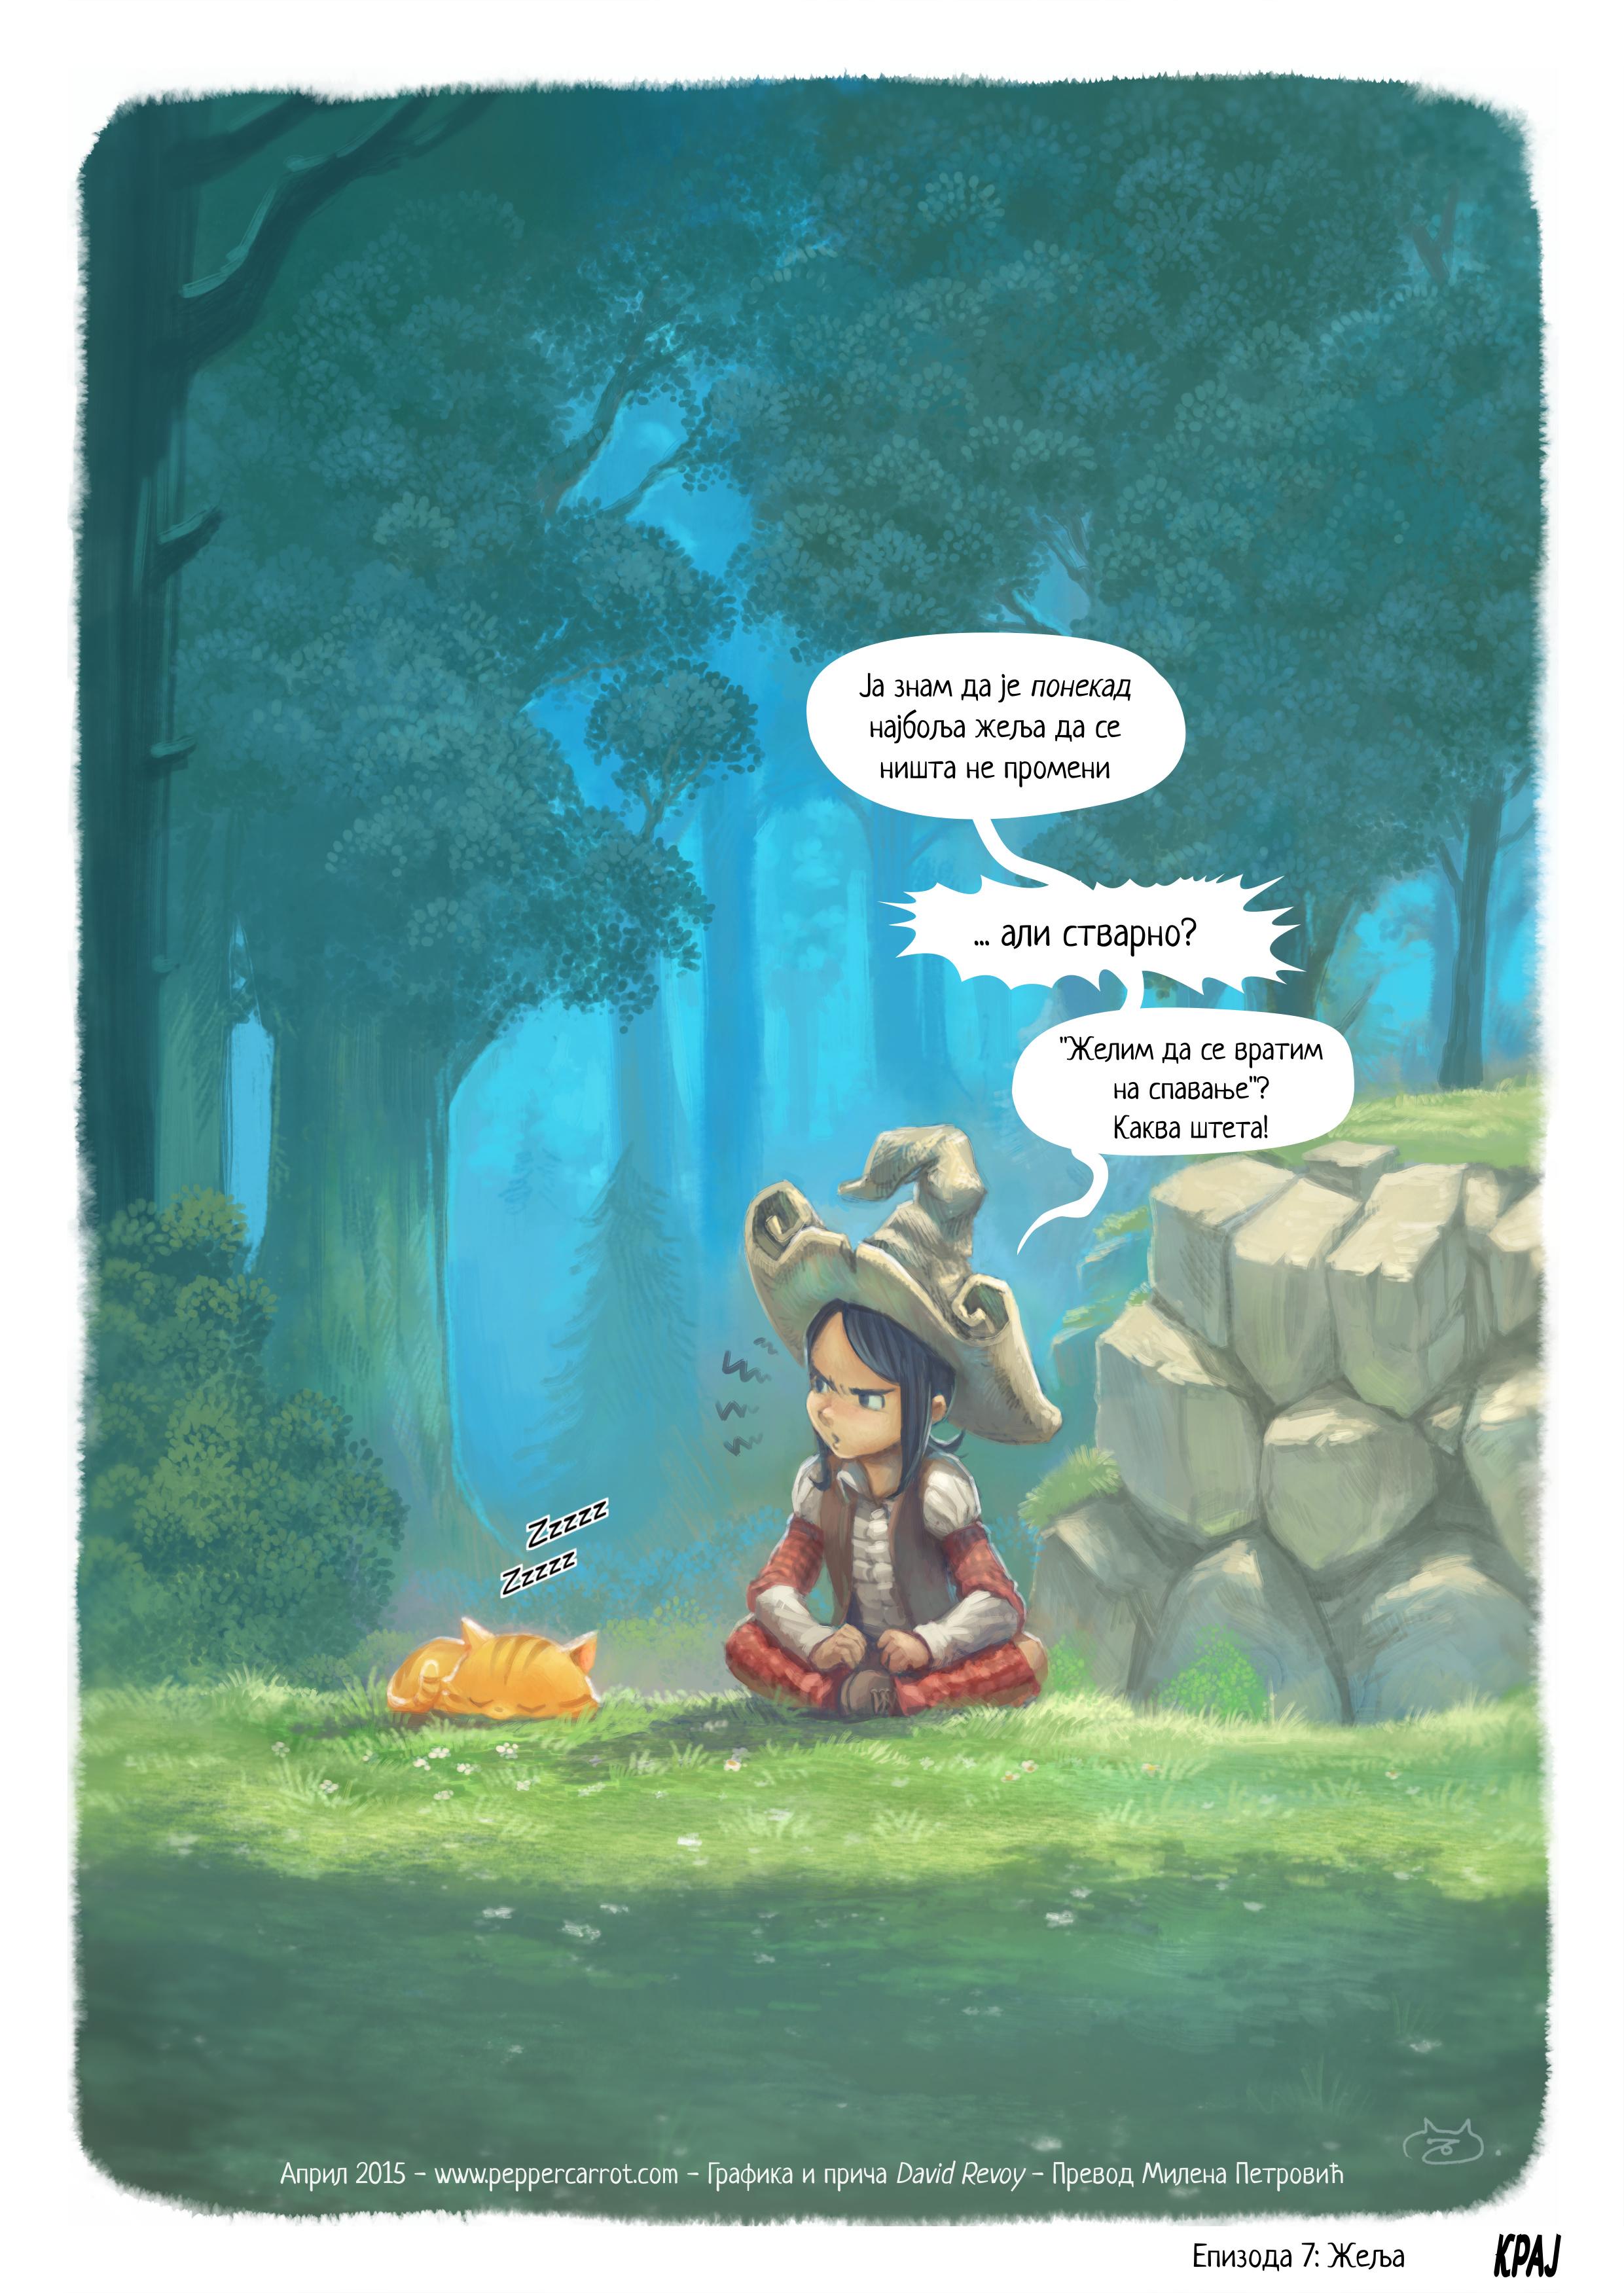 Епизода 7: Жеља, Page 5